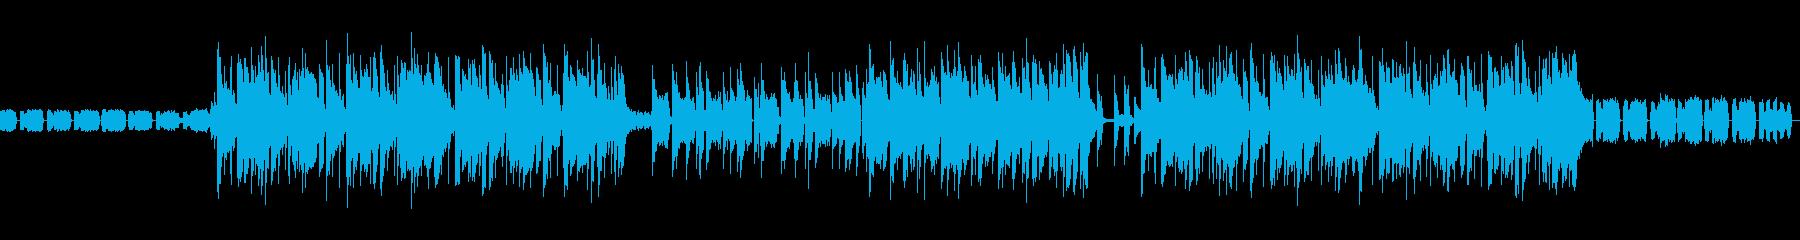 格好いいFuture Bassの再生済みの波形